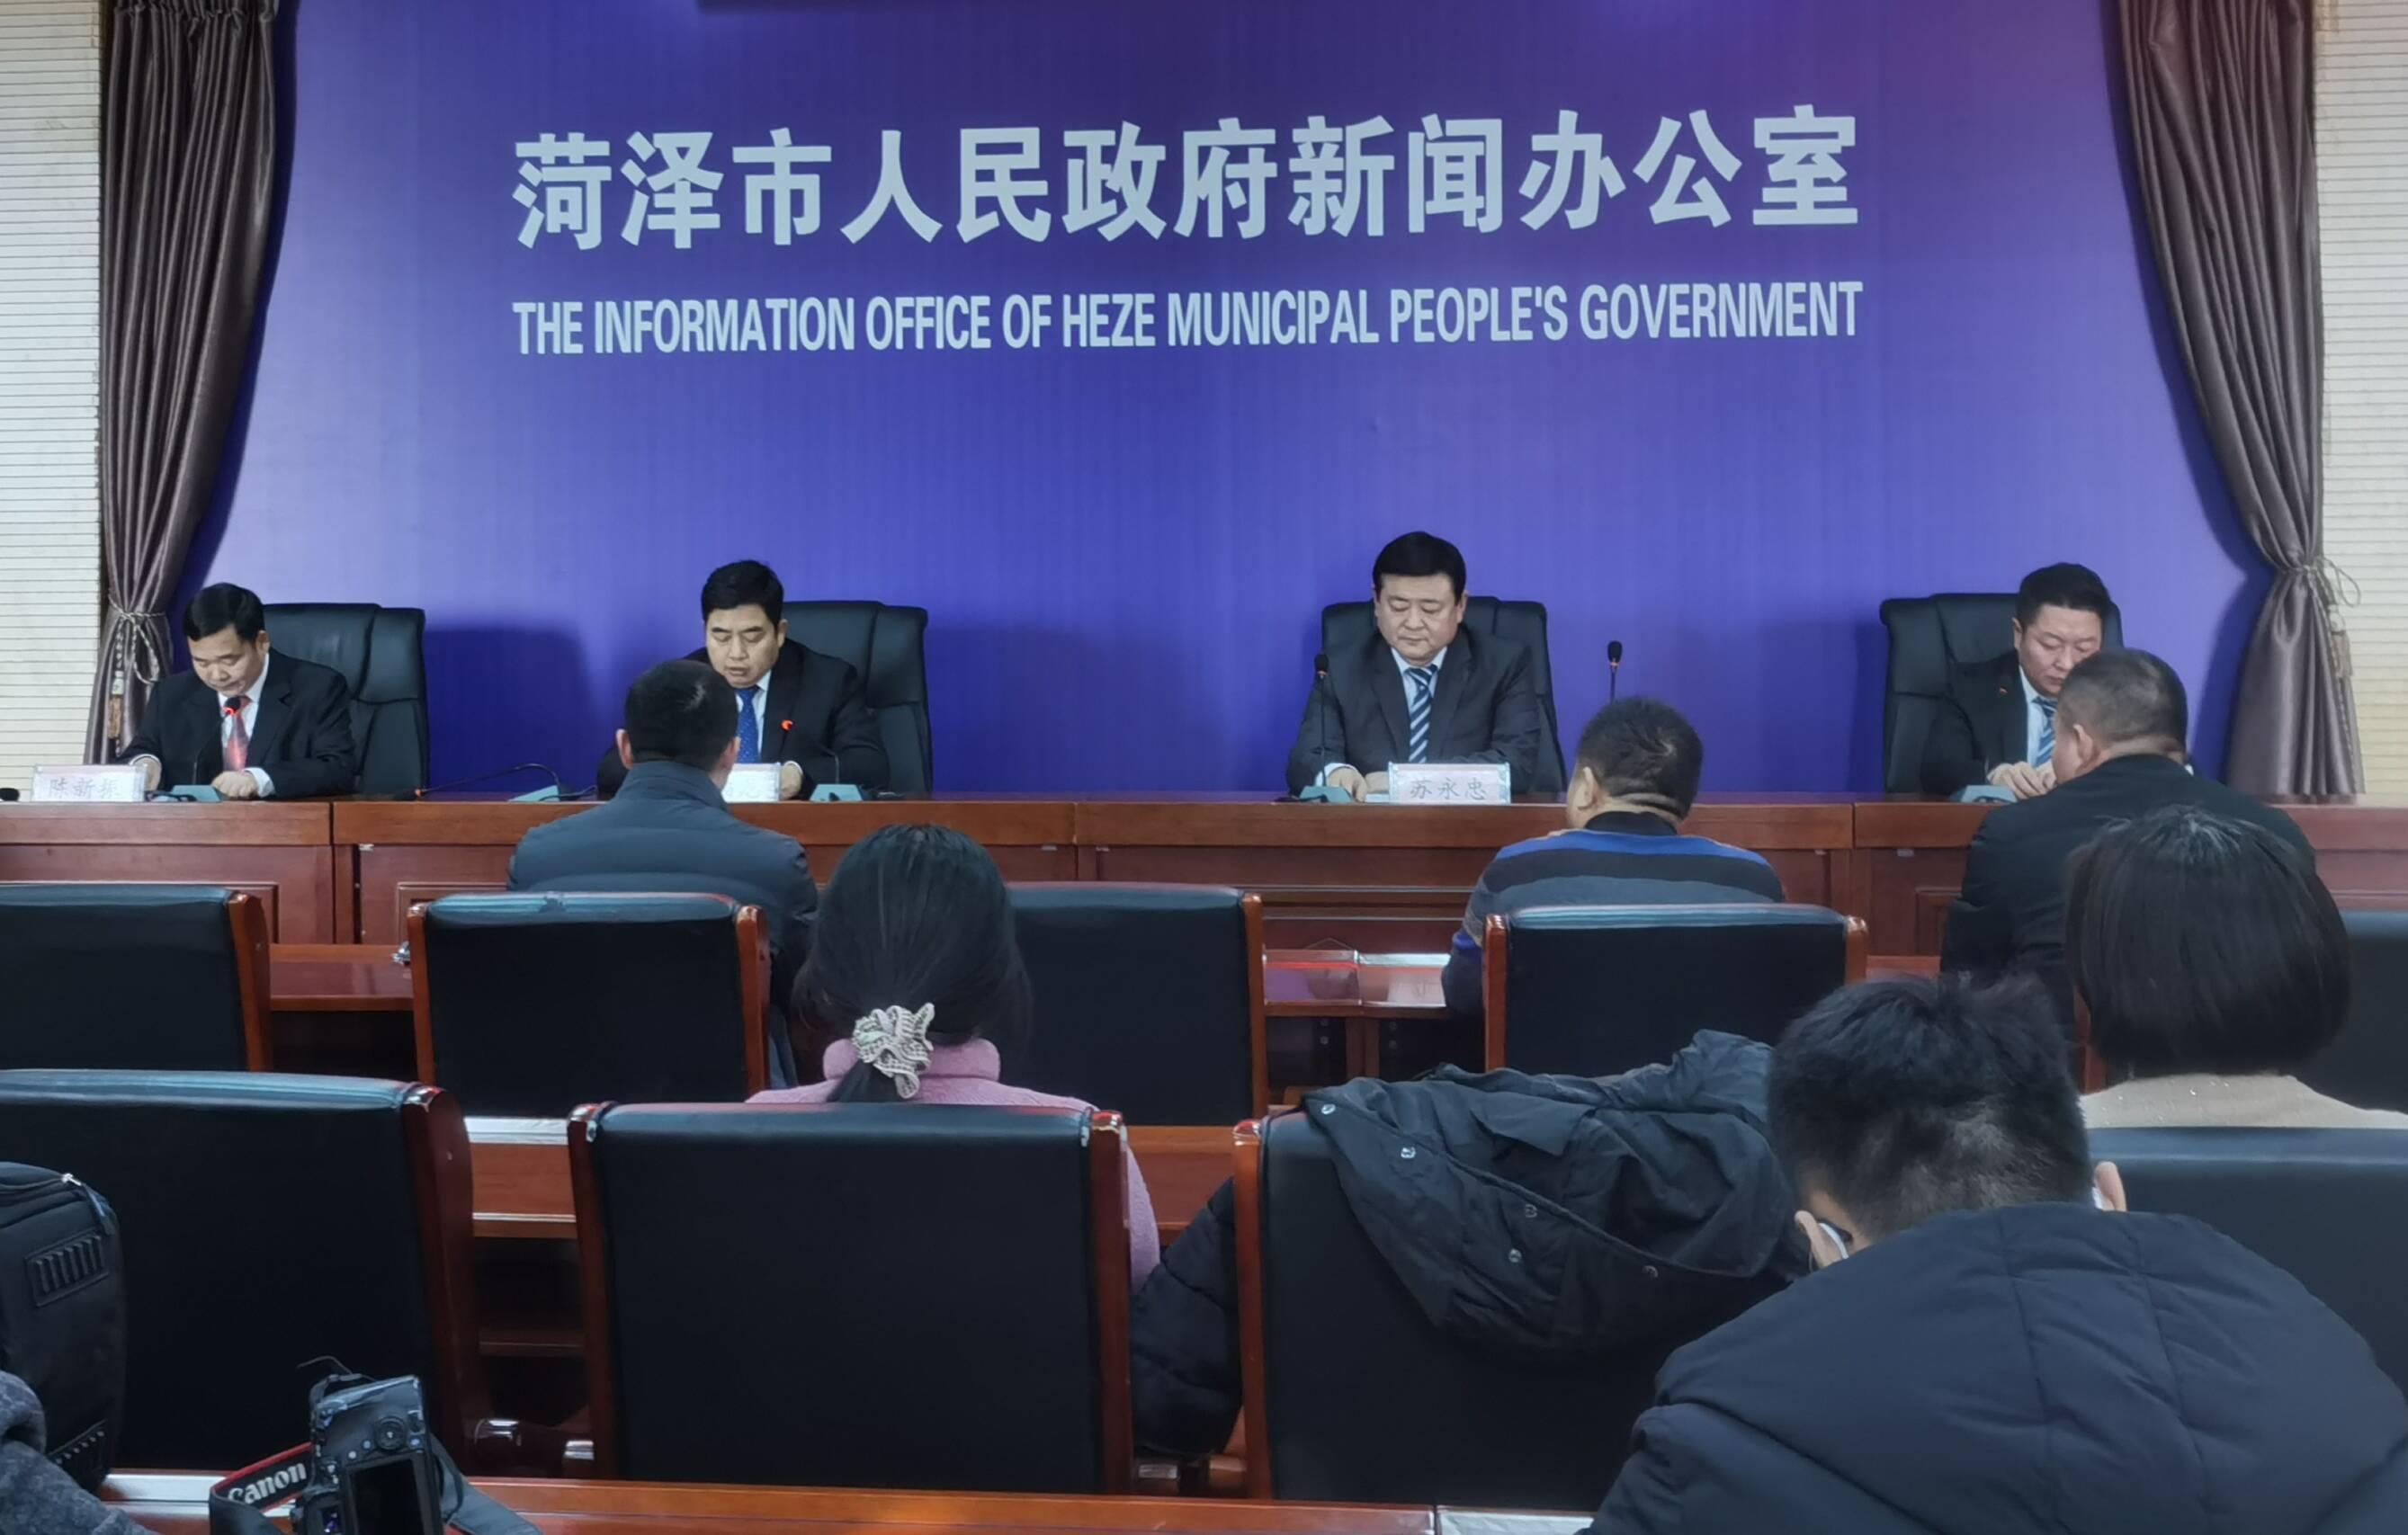 菏泽市发布紧急通知:1月28日起全市校外培训机构停止线下教学